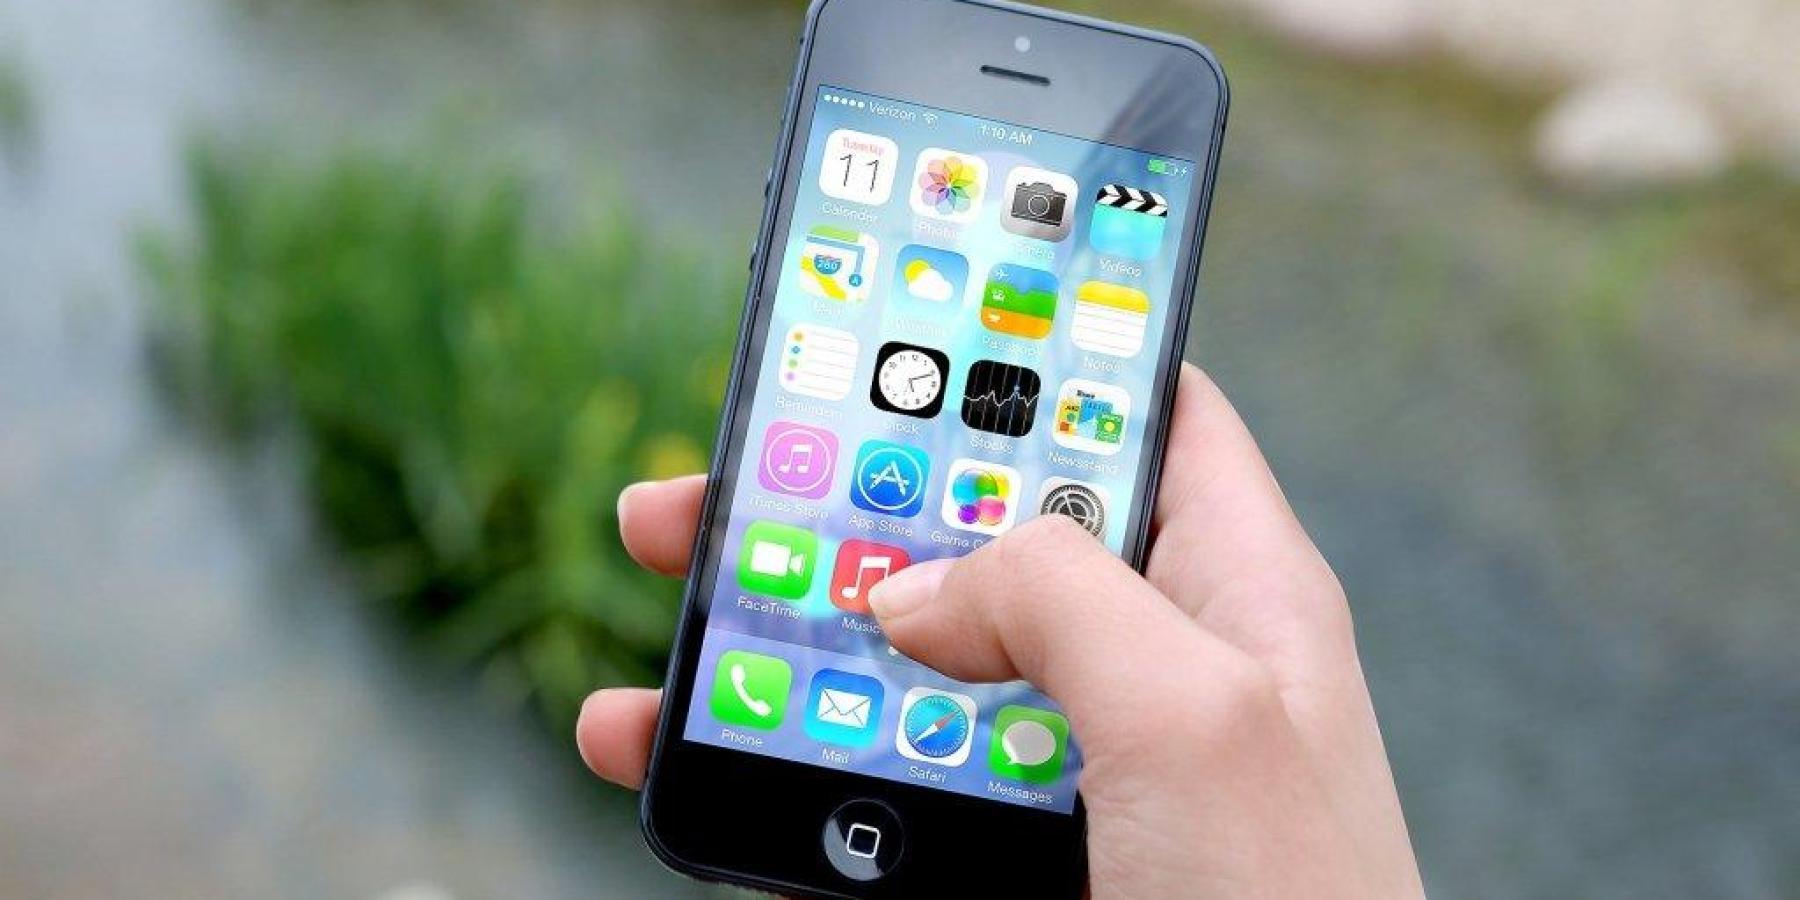 Nach Uhrzeit gefragt und Smartphone entwendet